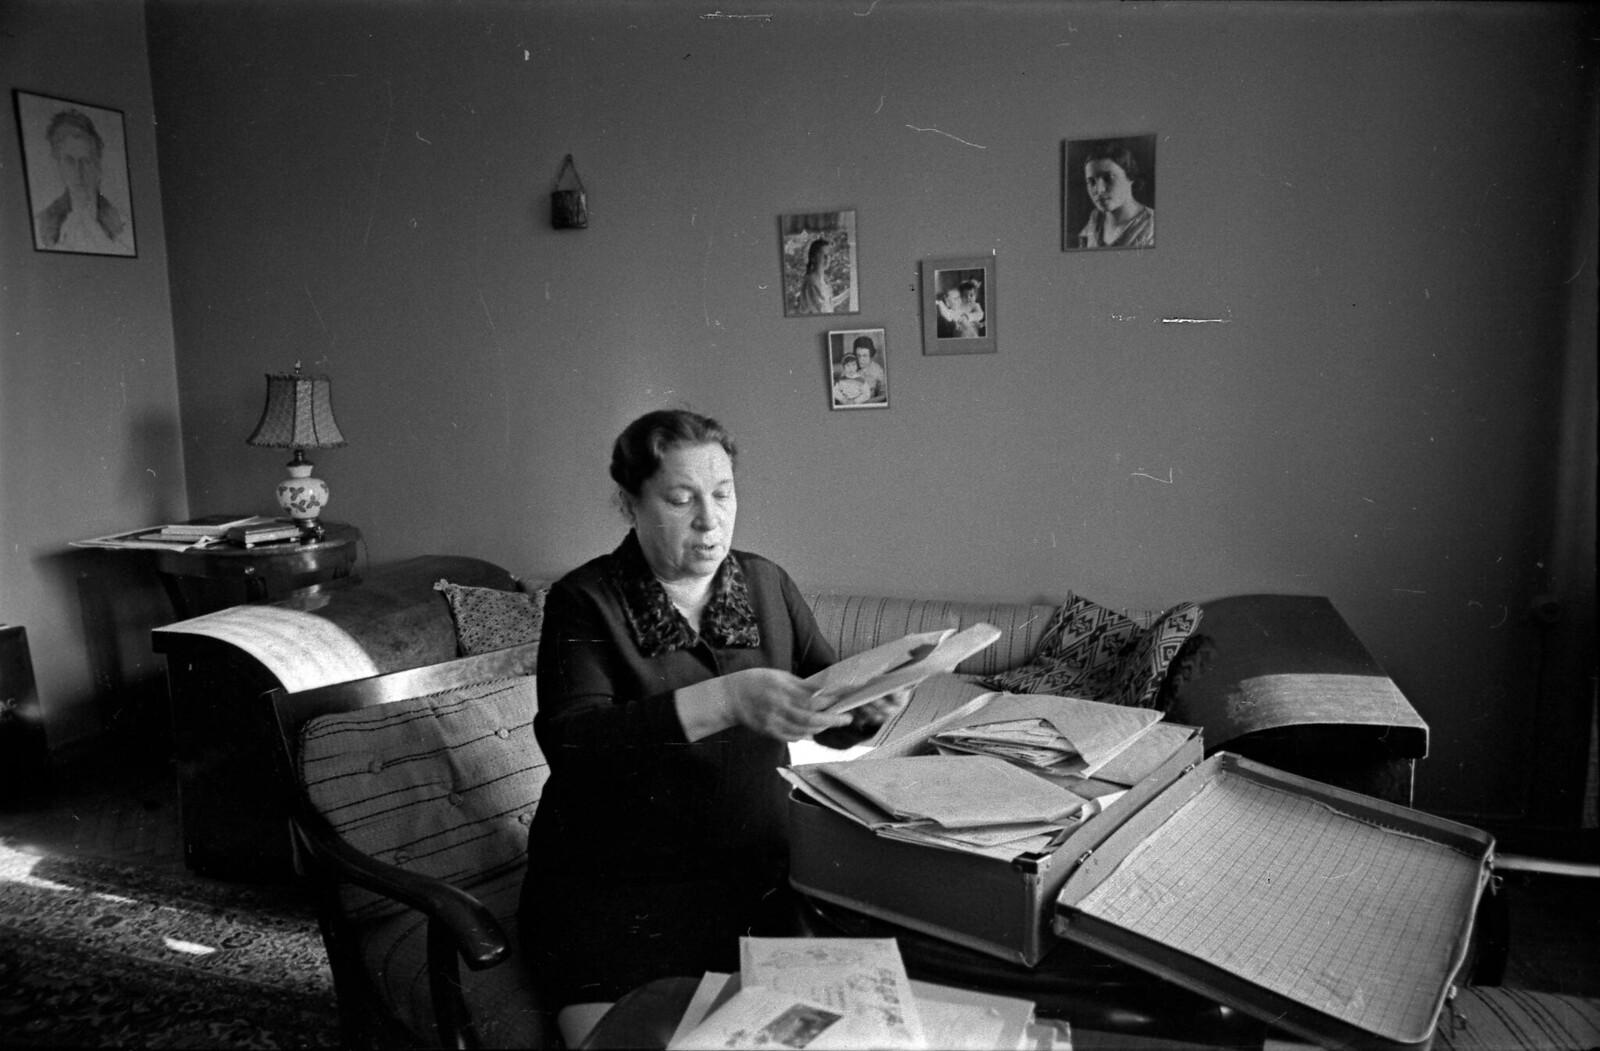 1969. Агния Барто разбирает очередную порцию писем, пришедших на ее имя в Москву, от людей, разлученных во время Великой Отечественной войны